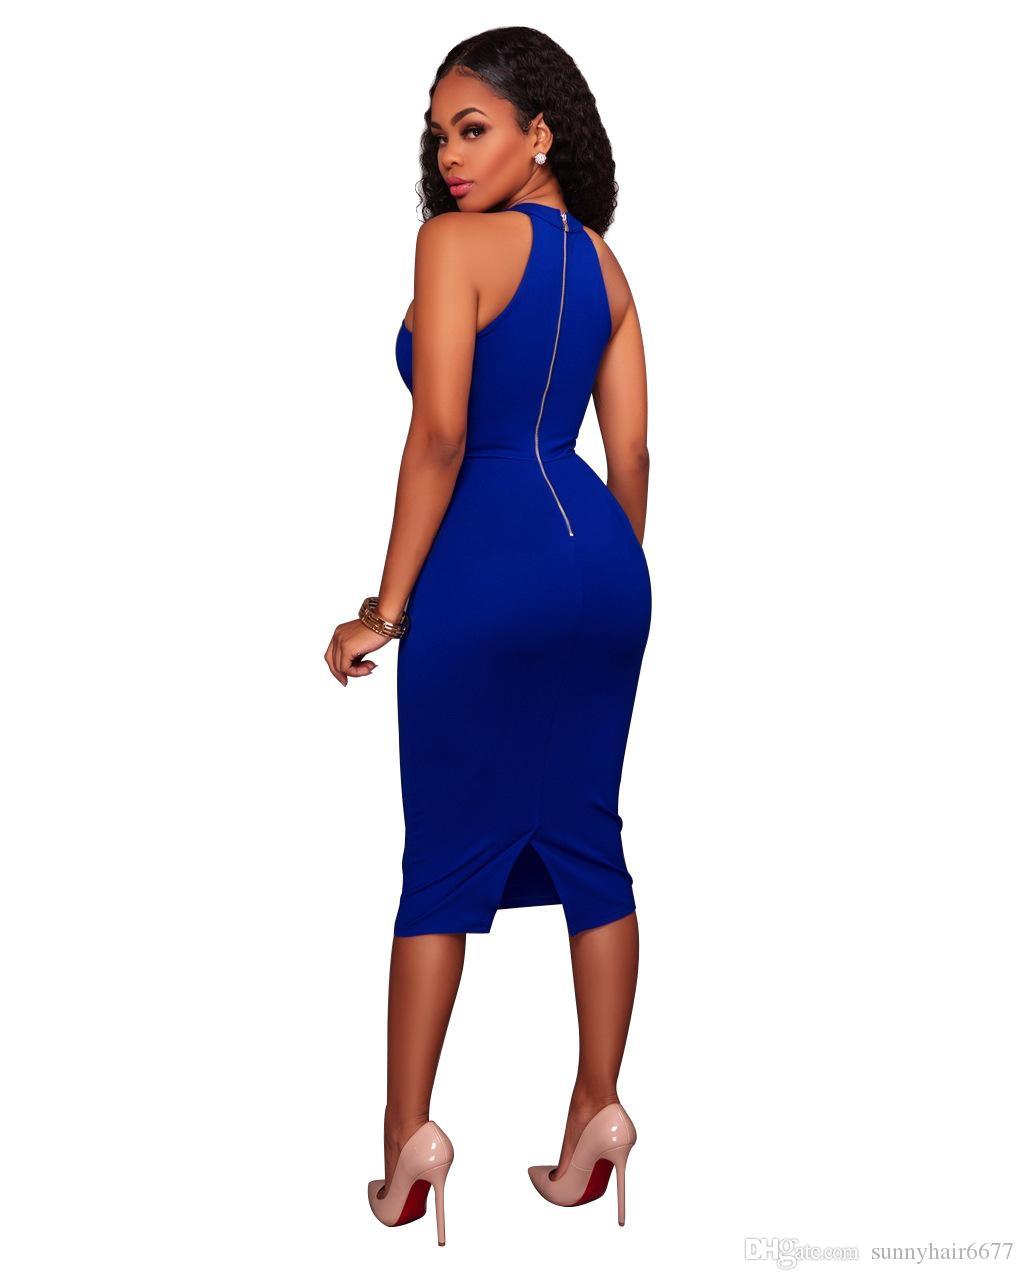 Codice standard delle donne Abiti tinta unita Abito professionale Gonna con alette Sexy Slim aderente Piombo Abiti da festa Mini Abiti senza maniche Q20